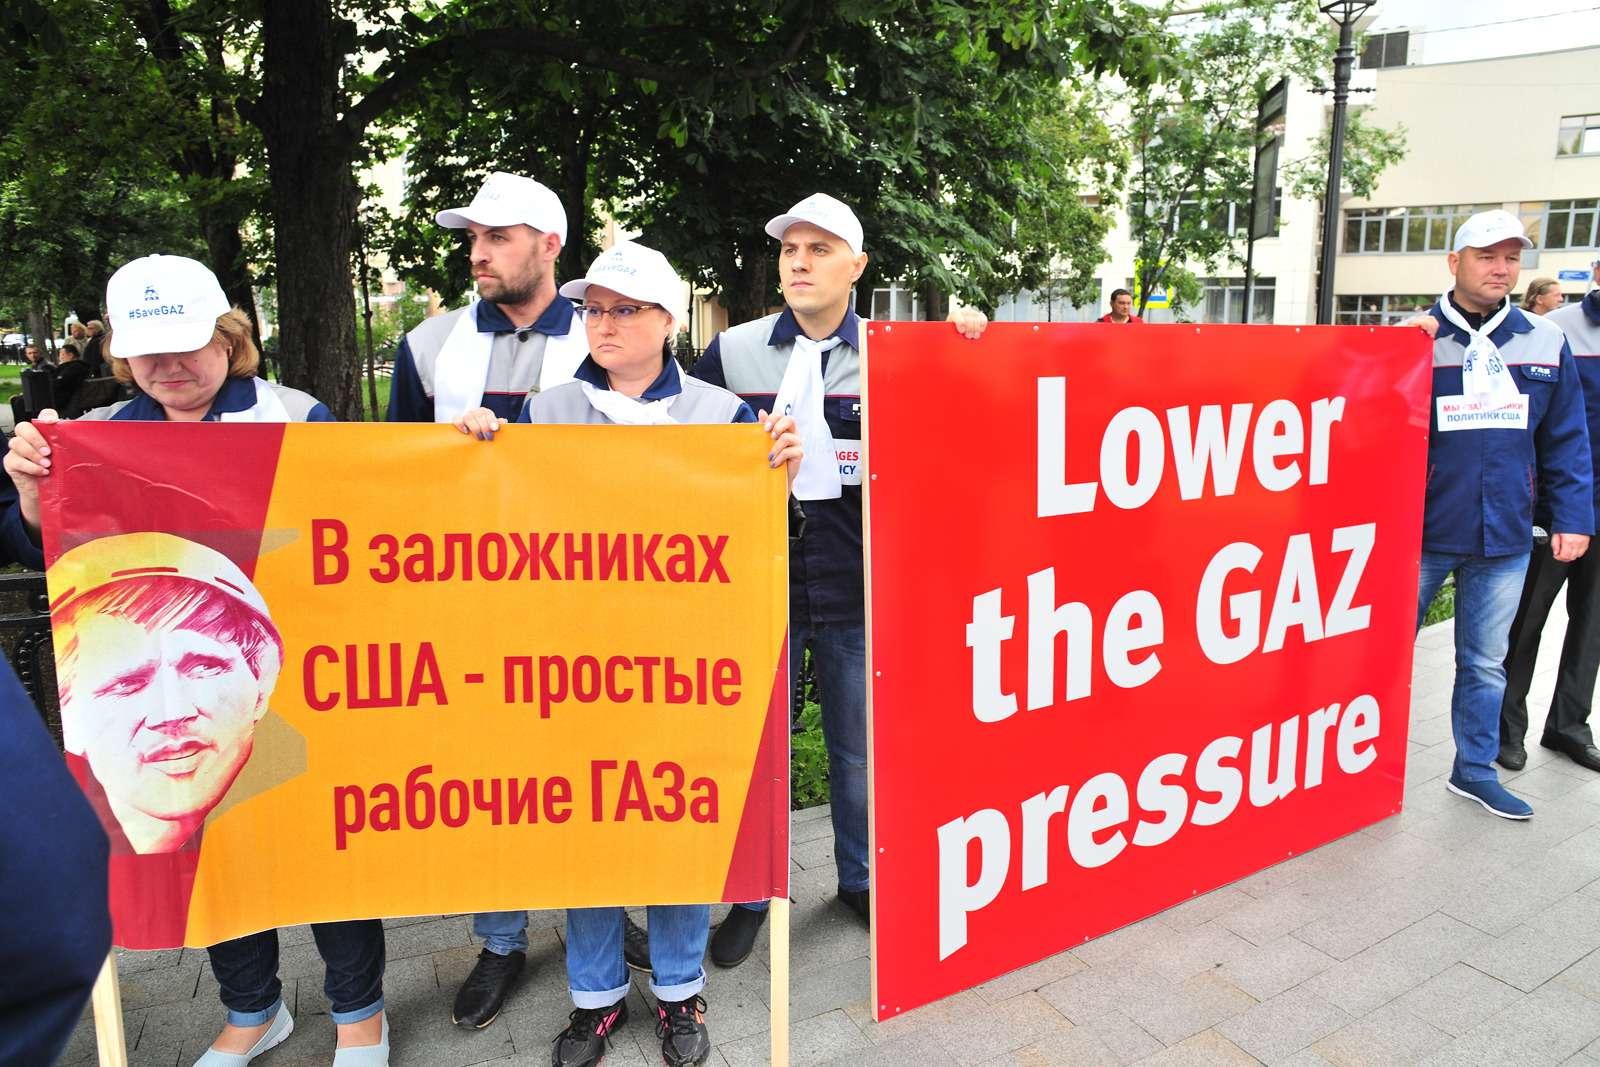 Рабочие ГАЗа упосольства США: просят отмены санкций— фото 984358